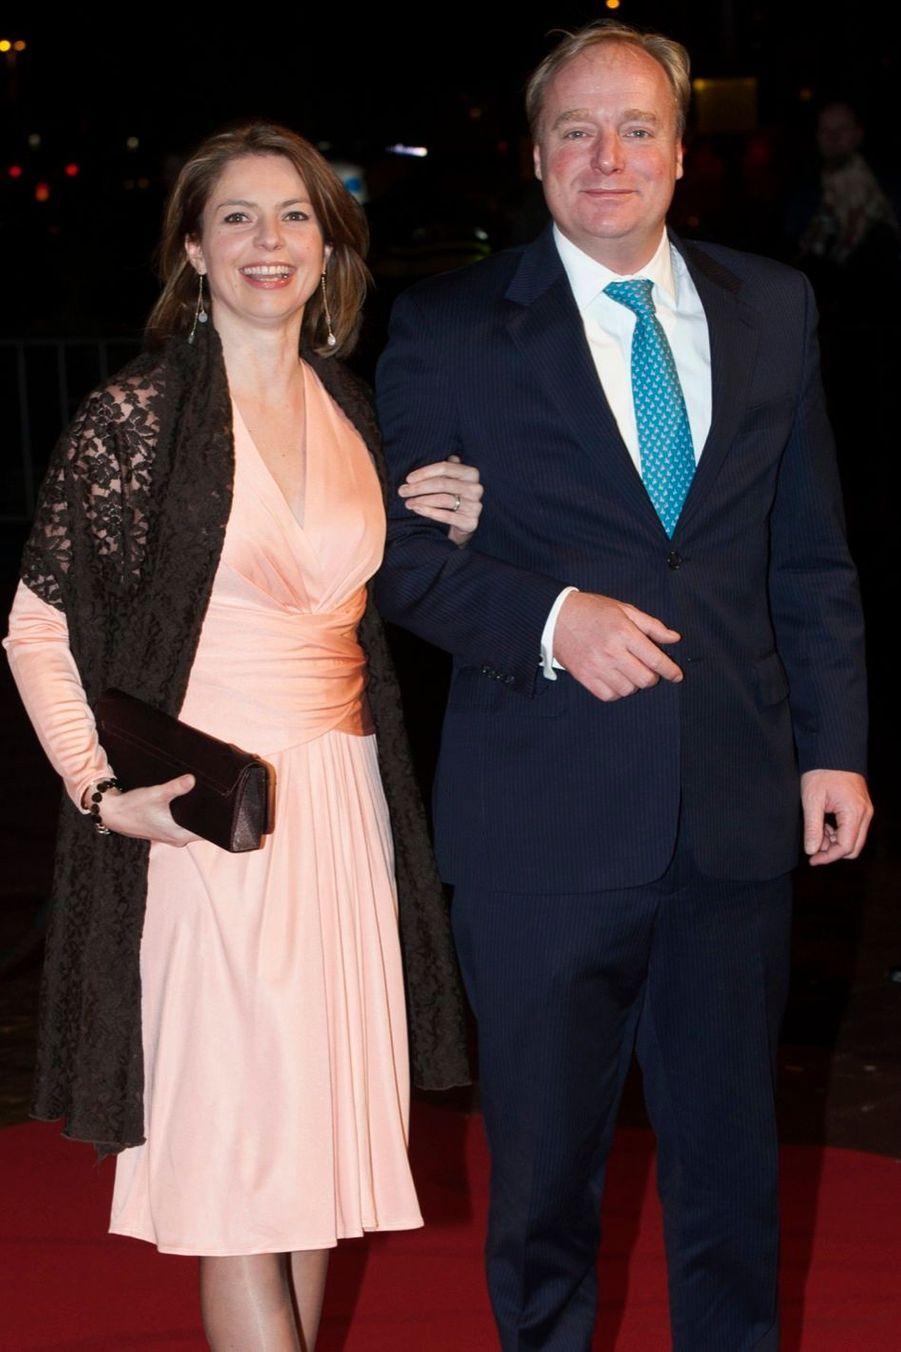 La princesse Annemarie et le prince Carlos de Bourbon de Parme, cousin germain du roi Willem-Alexander des Pays-Bas, à Utrecht le 8 décembre 2014